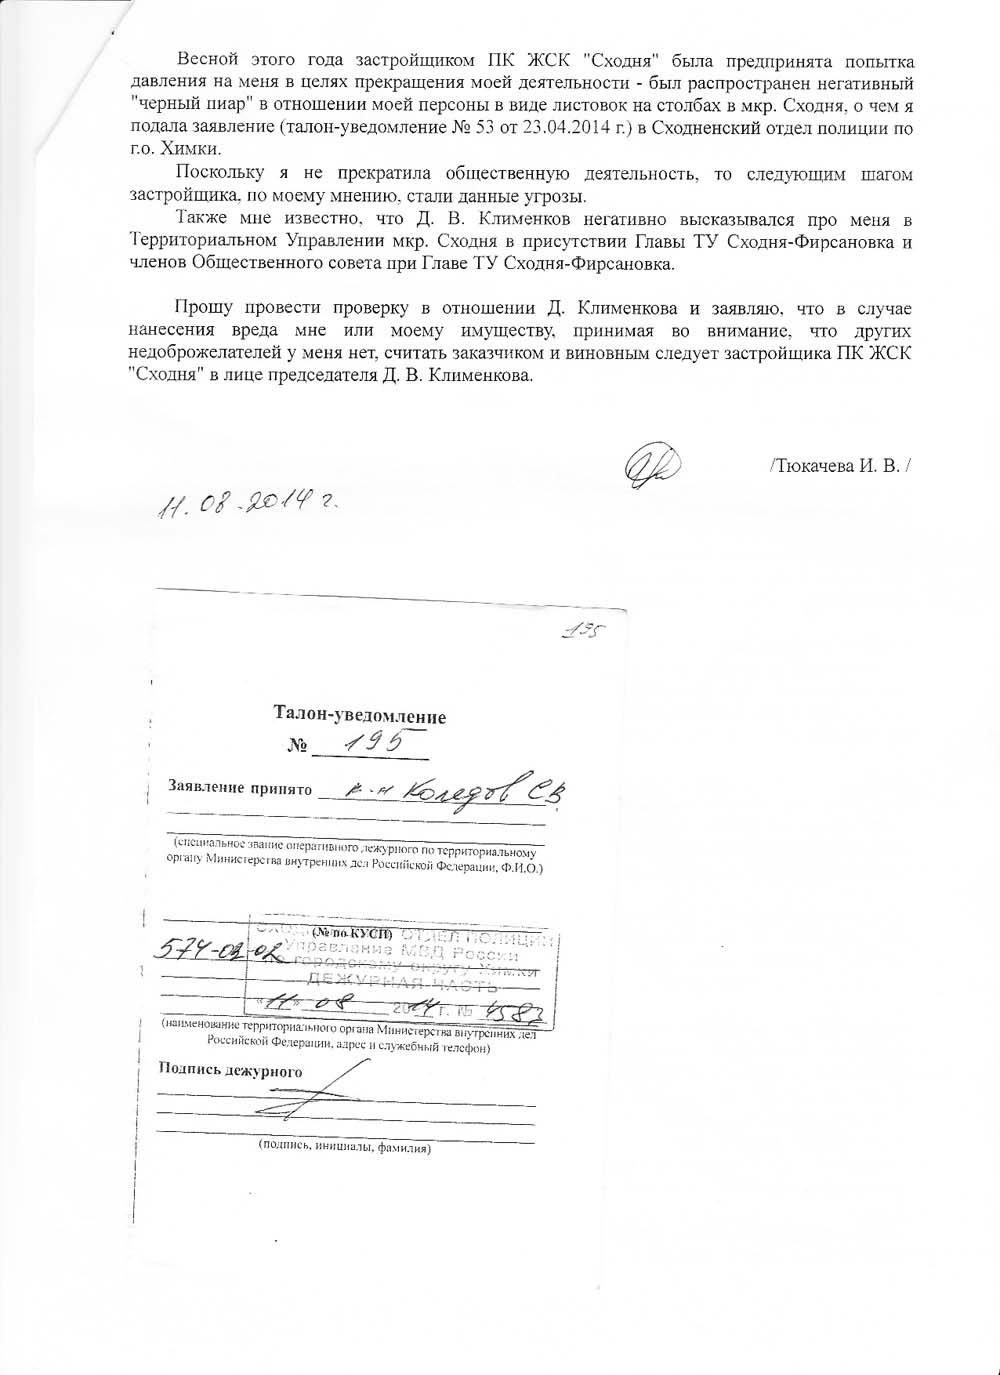 Тюкачева - заявление2